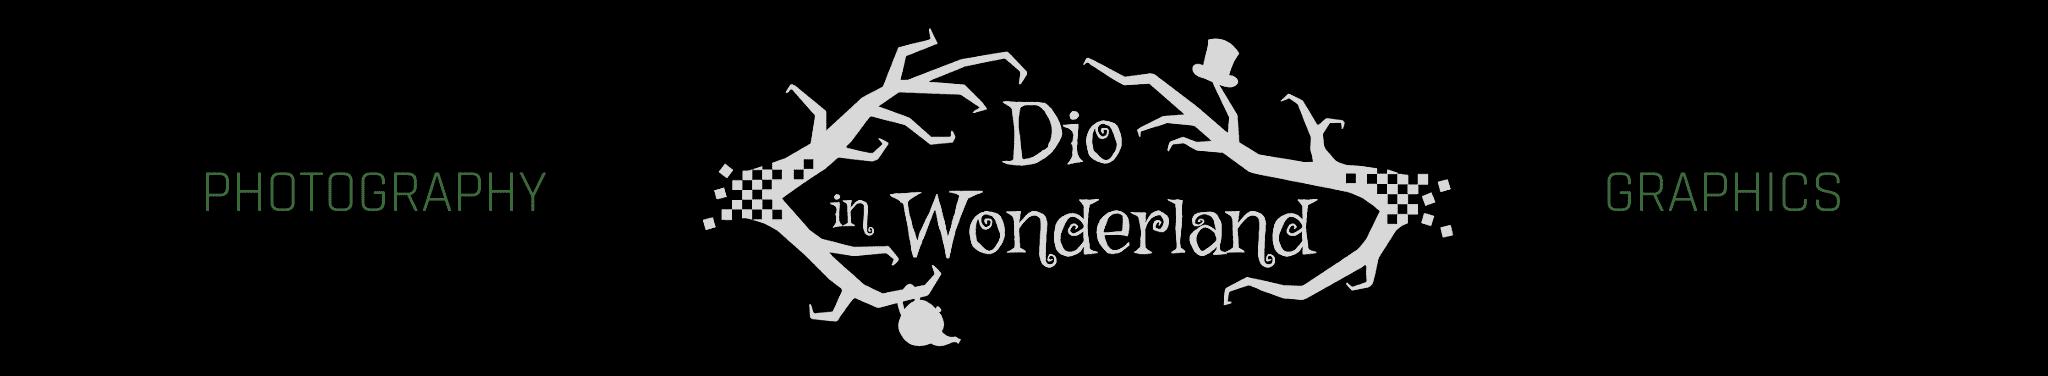 Dio in Wonderland